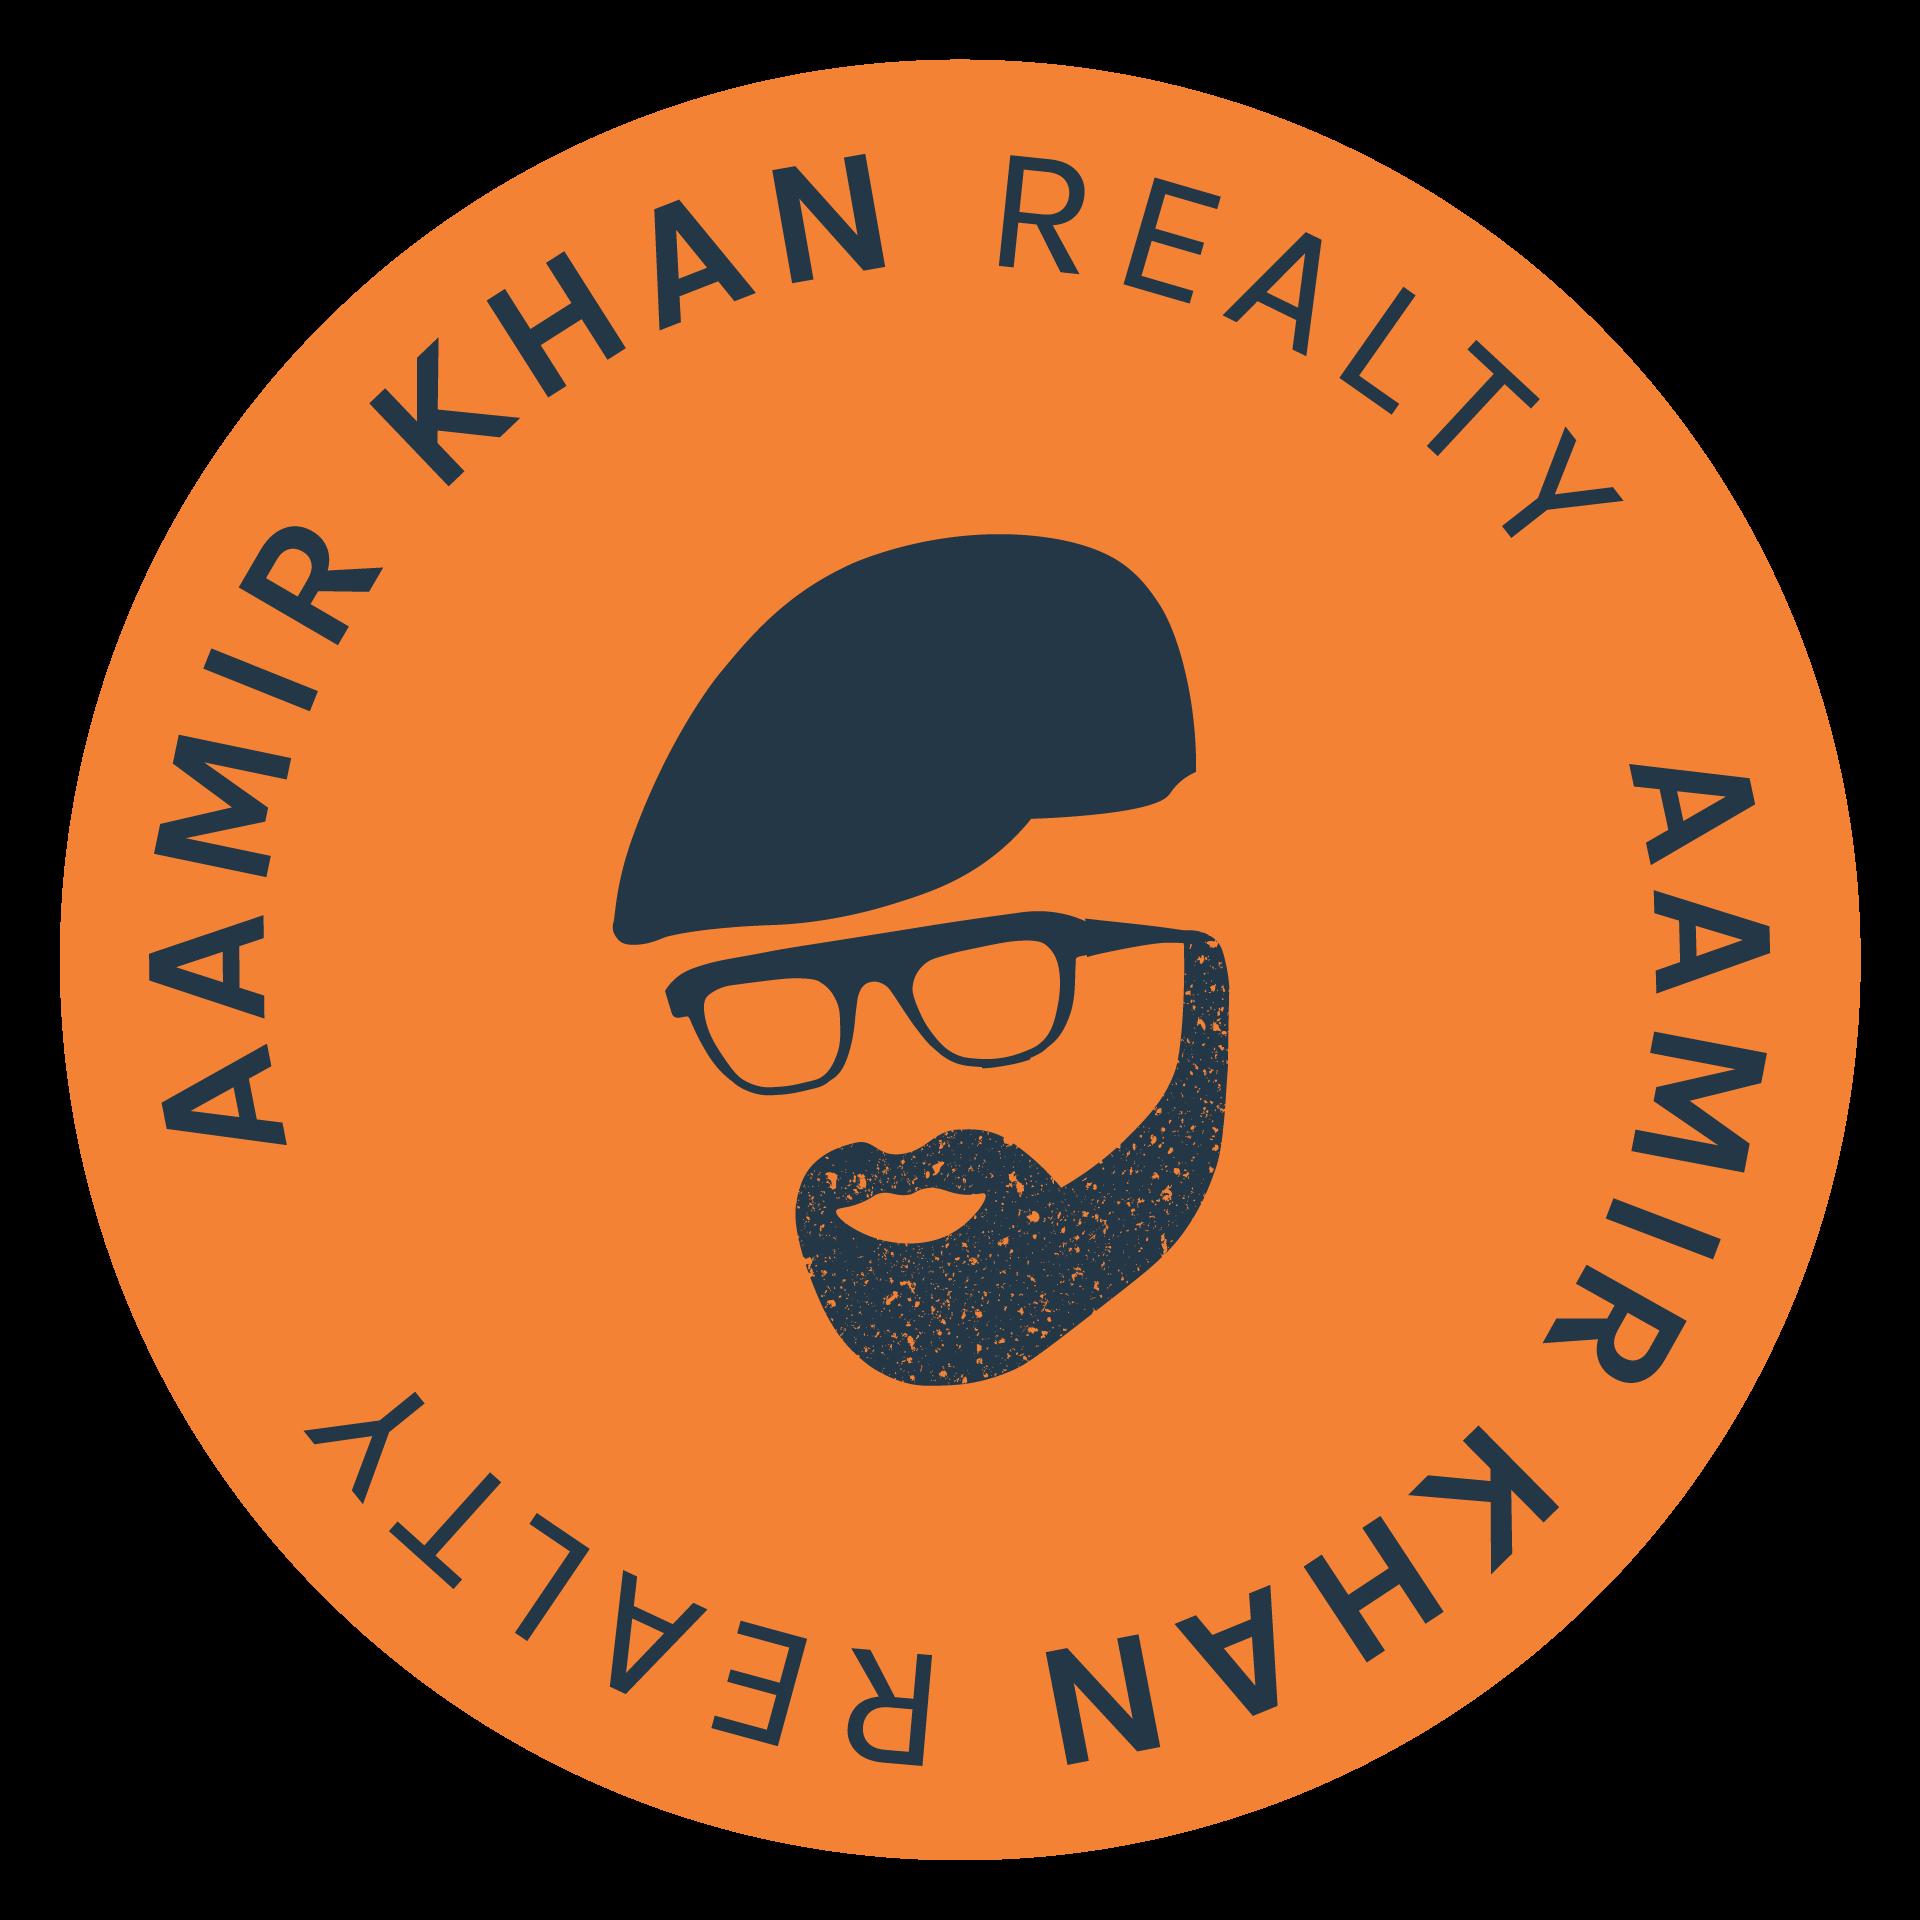 Aamir Khan Realty